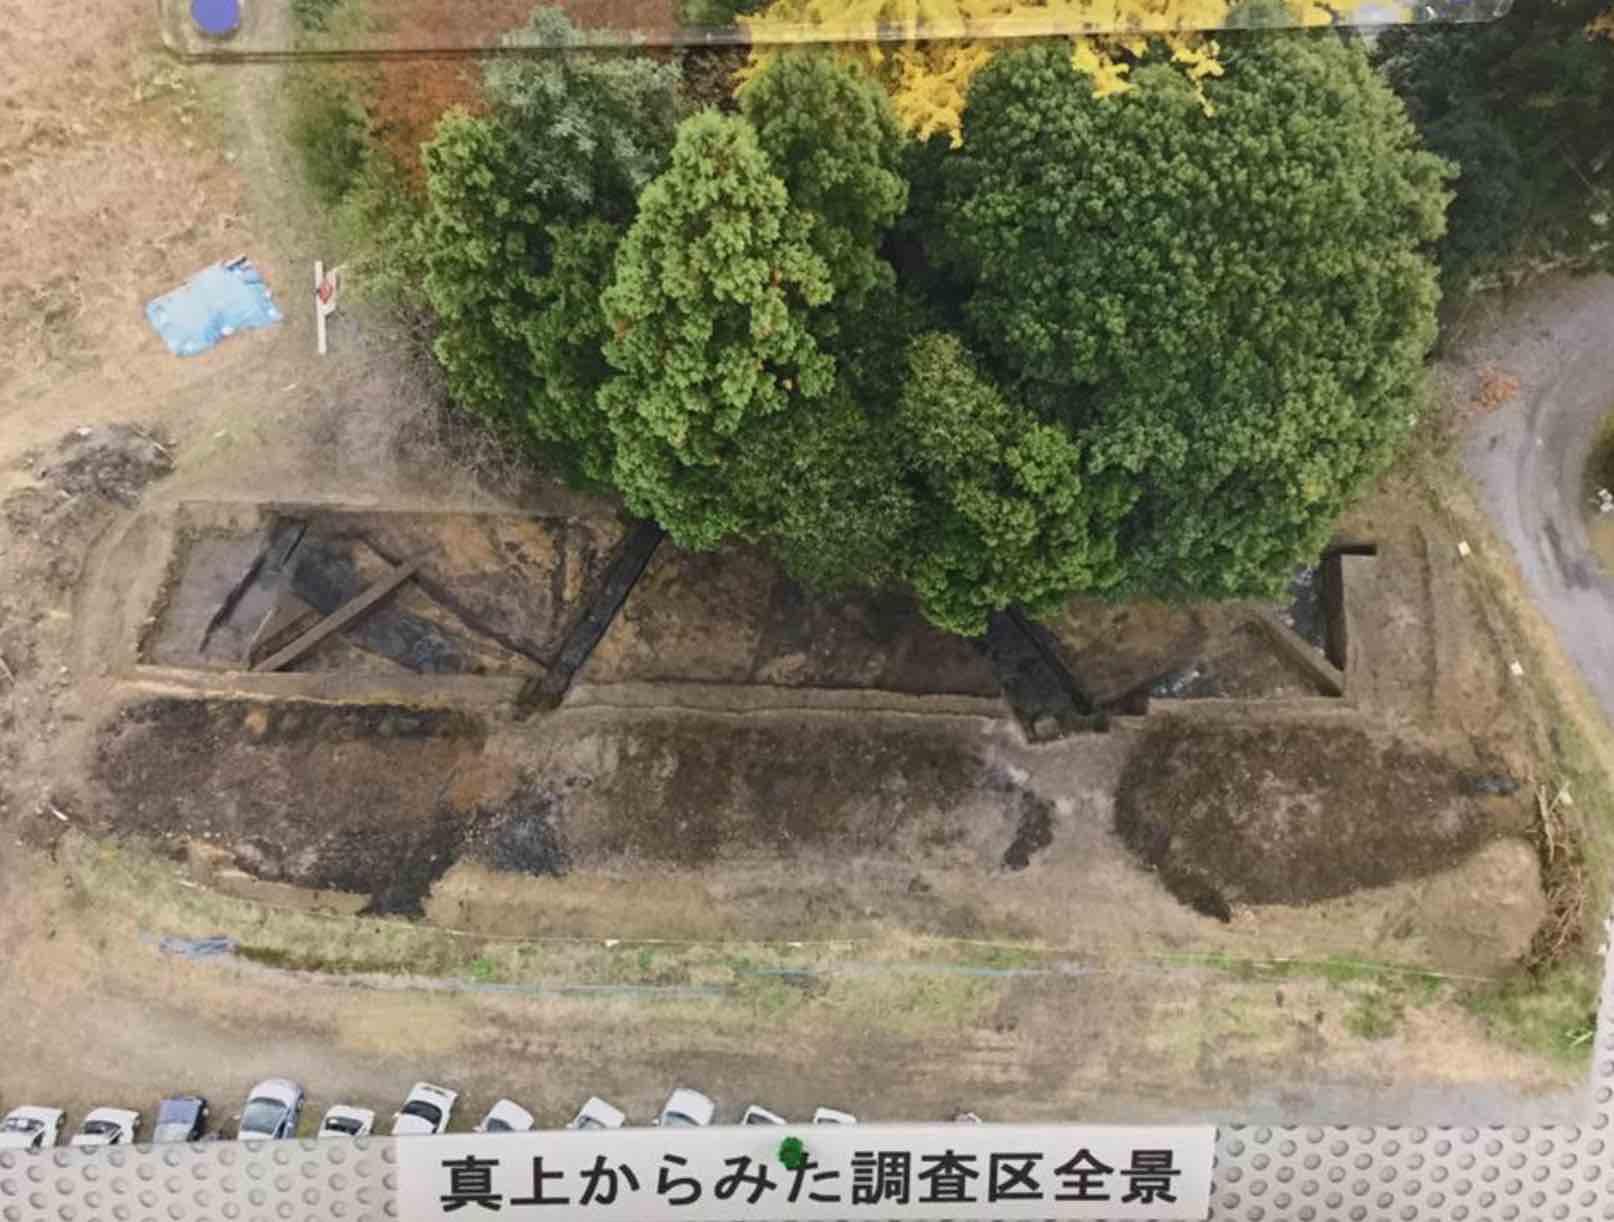 塚前古墳、考古資料館の企画展_e0068696_1735261.jpg